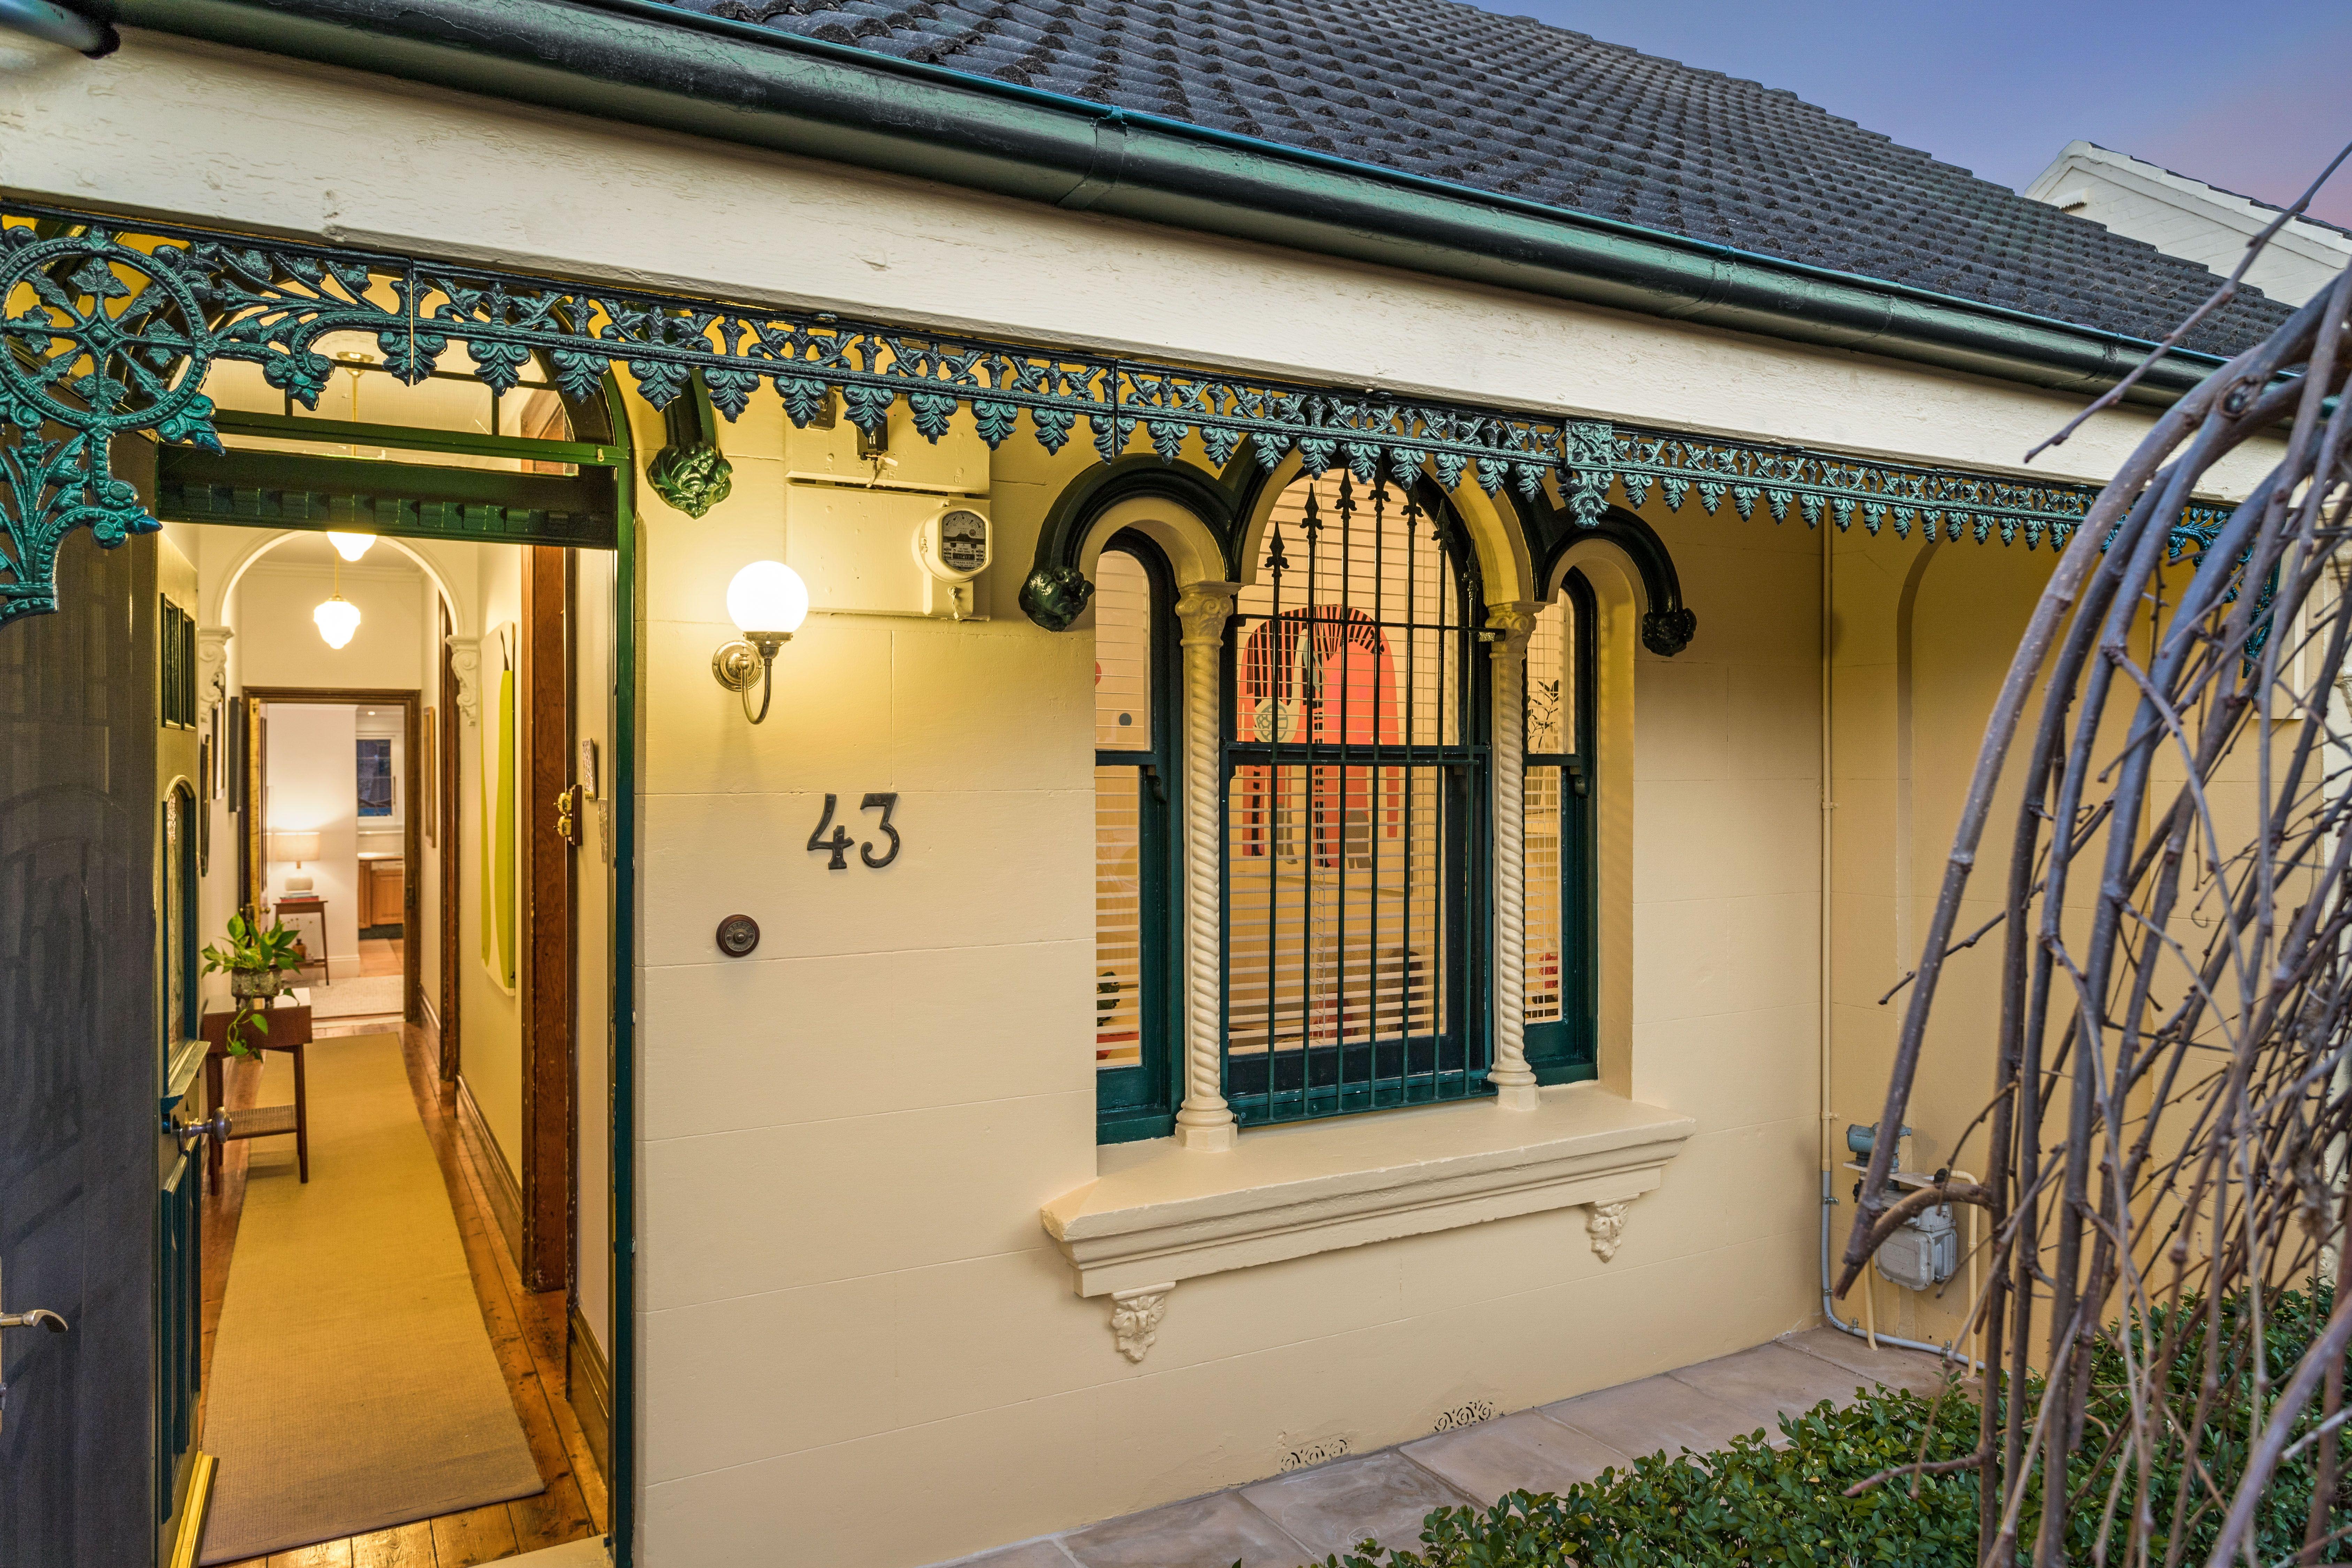 43 Croydon Road, Croydon NSW 2132